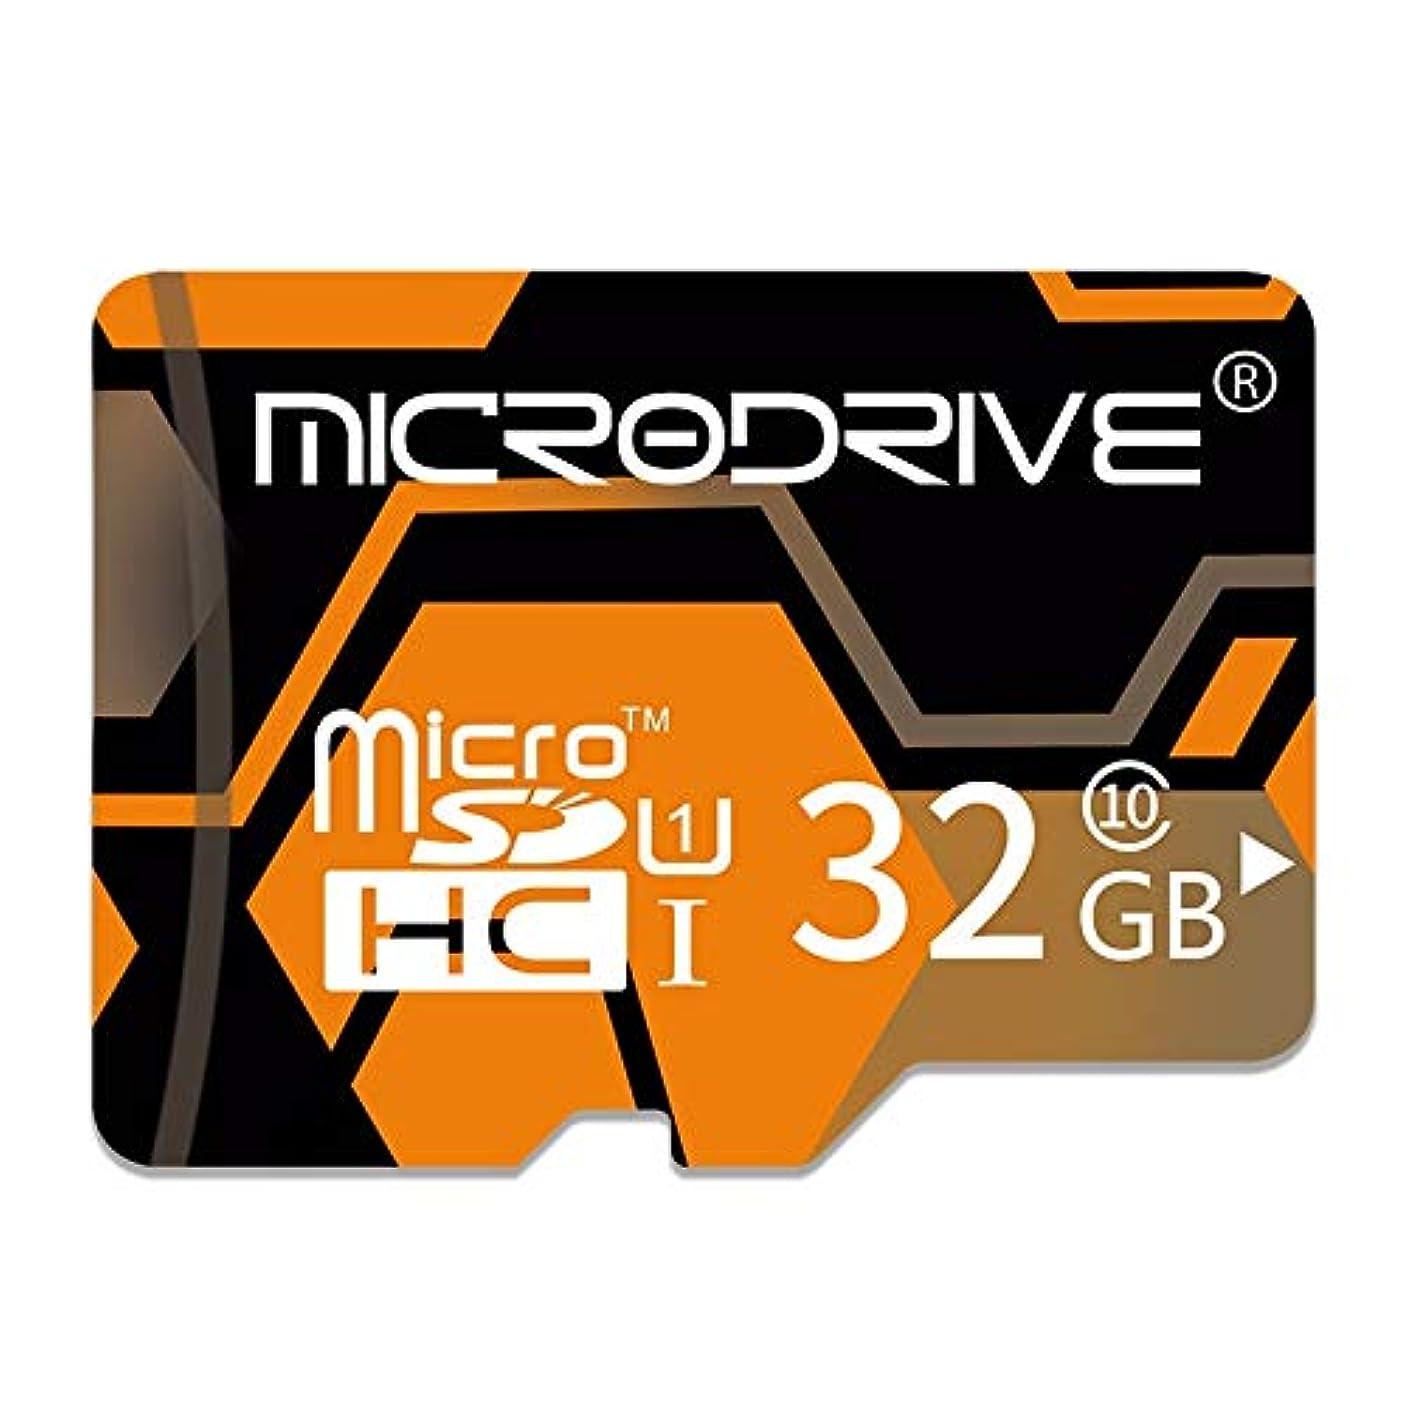 小説家電極侵略WTYD 電話アクセサリー スティックドライブ32GB高速クラス10マイクロSD(TF)メモリカード 電話用